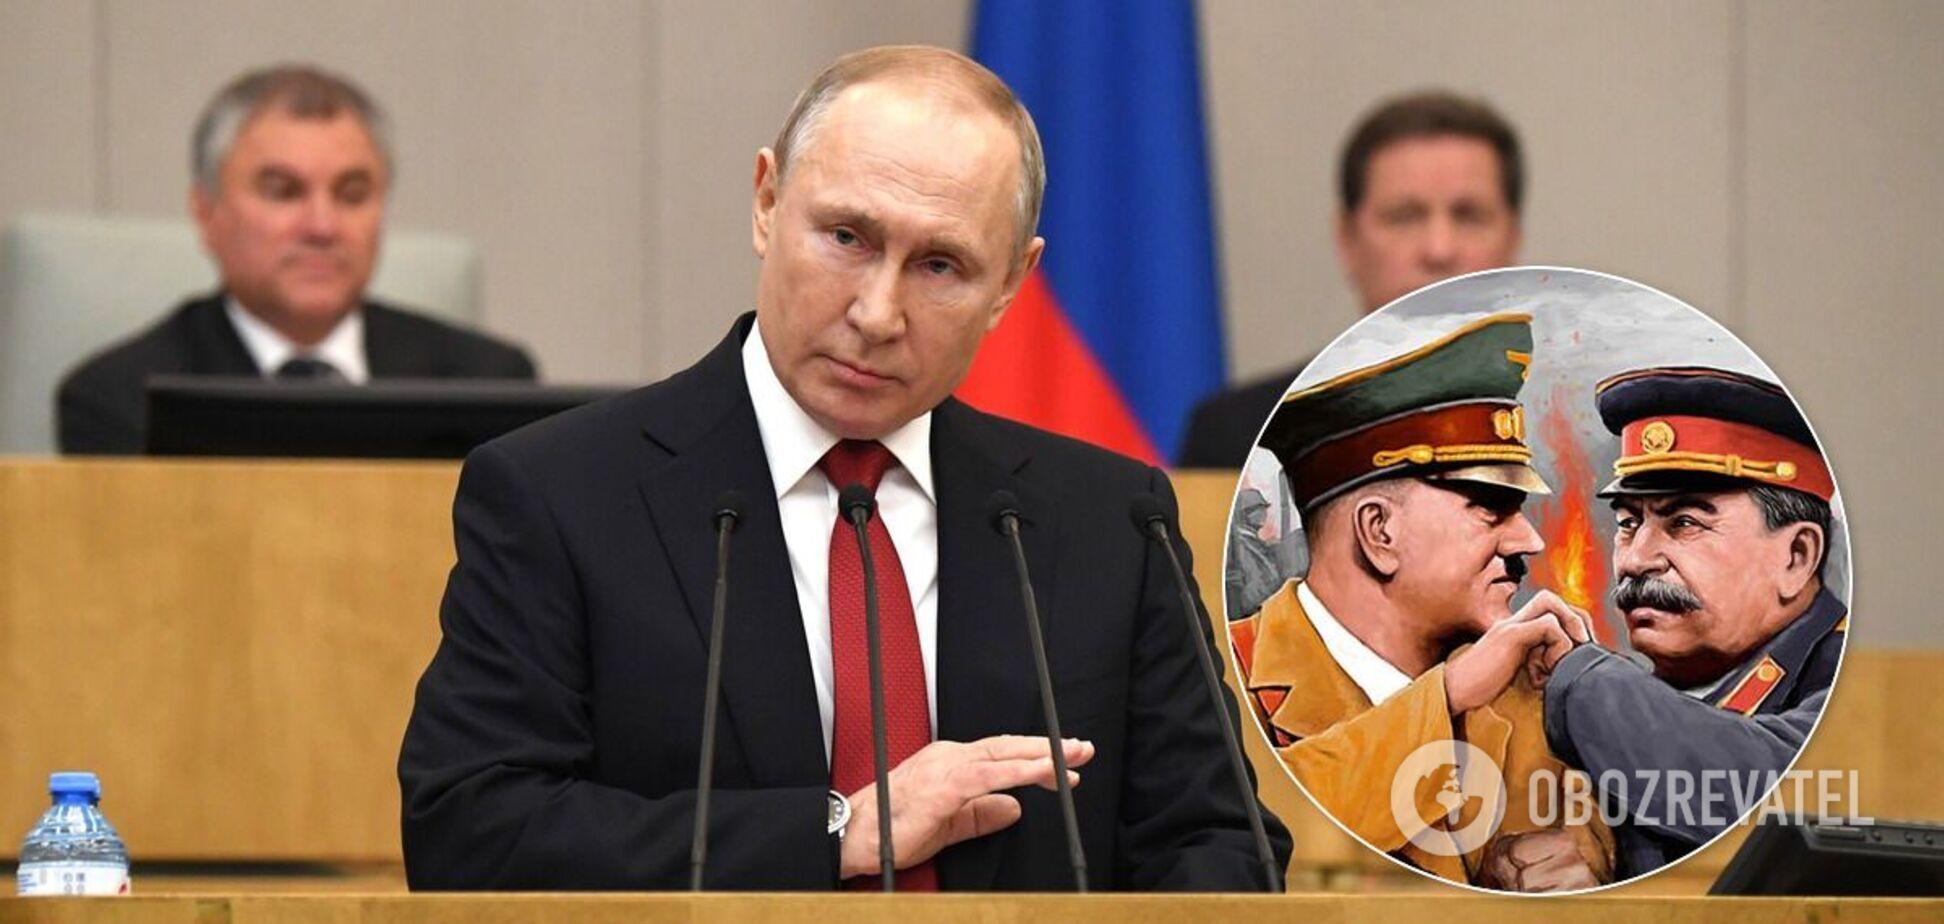 Кремль принуждает Россию жить в выдуманной реальности